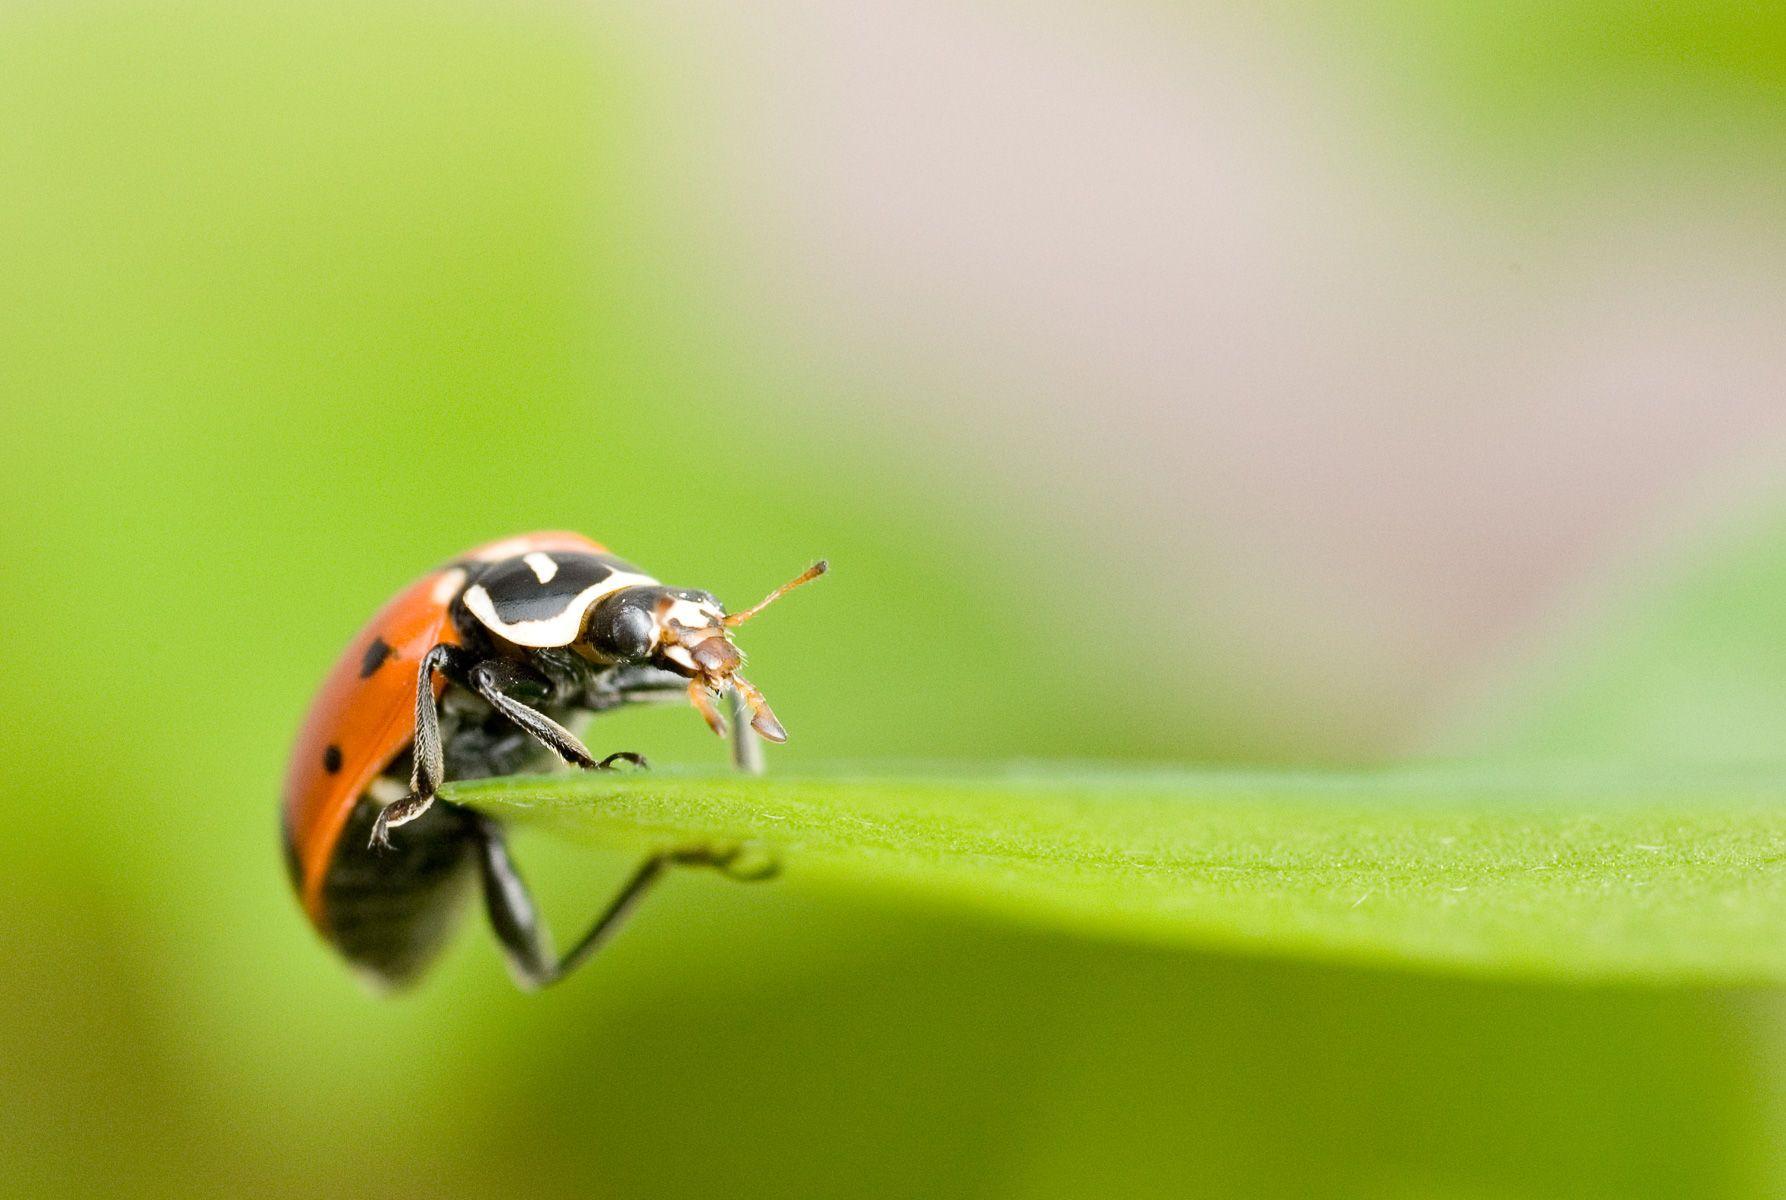 Ladybug (family Coccinellidae)